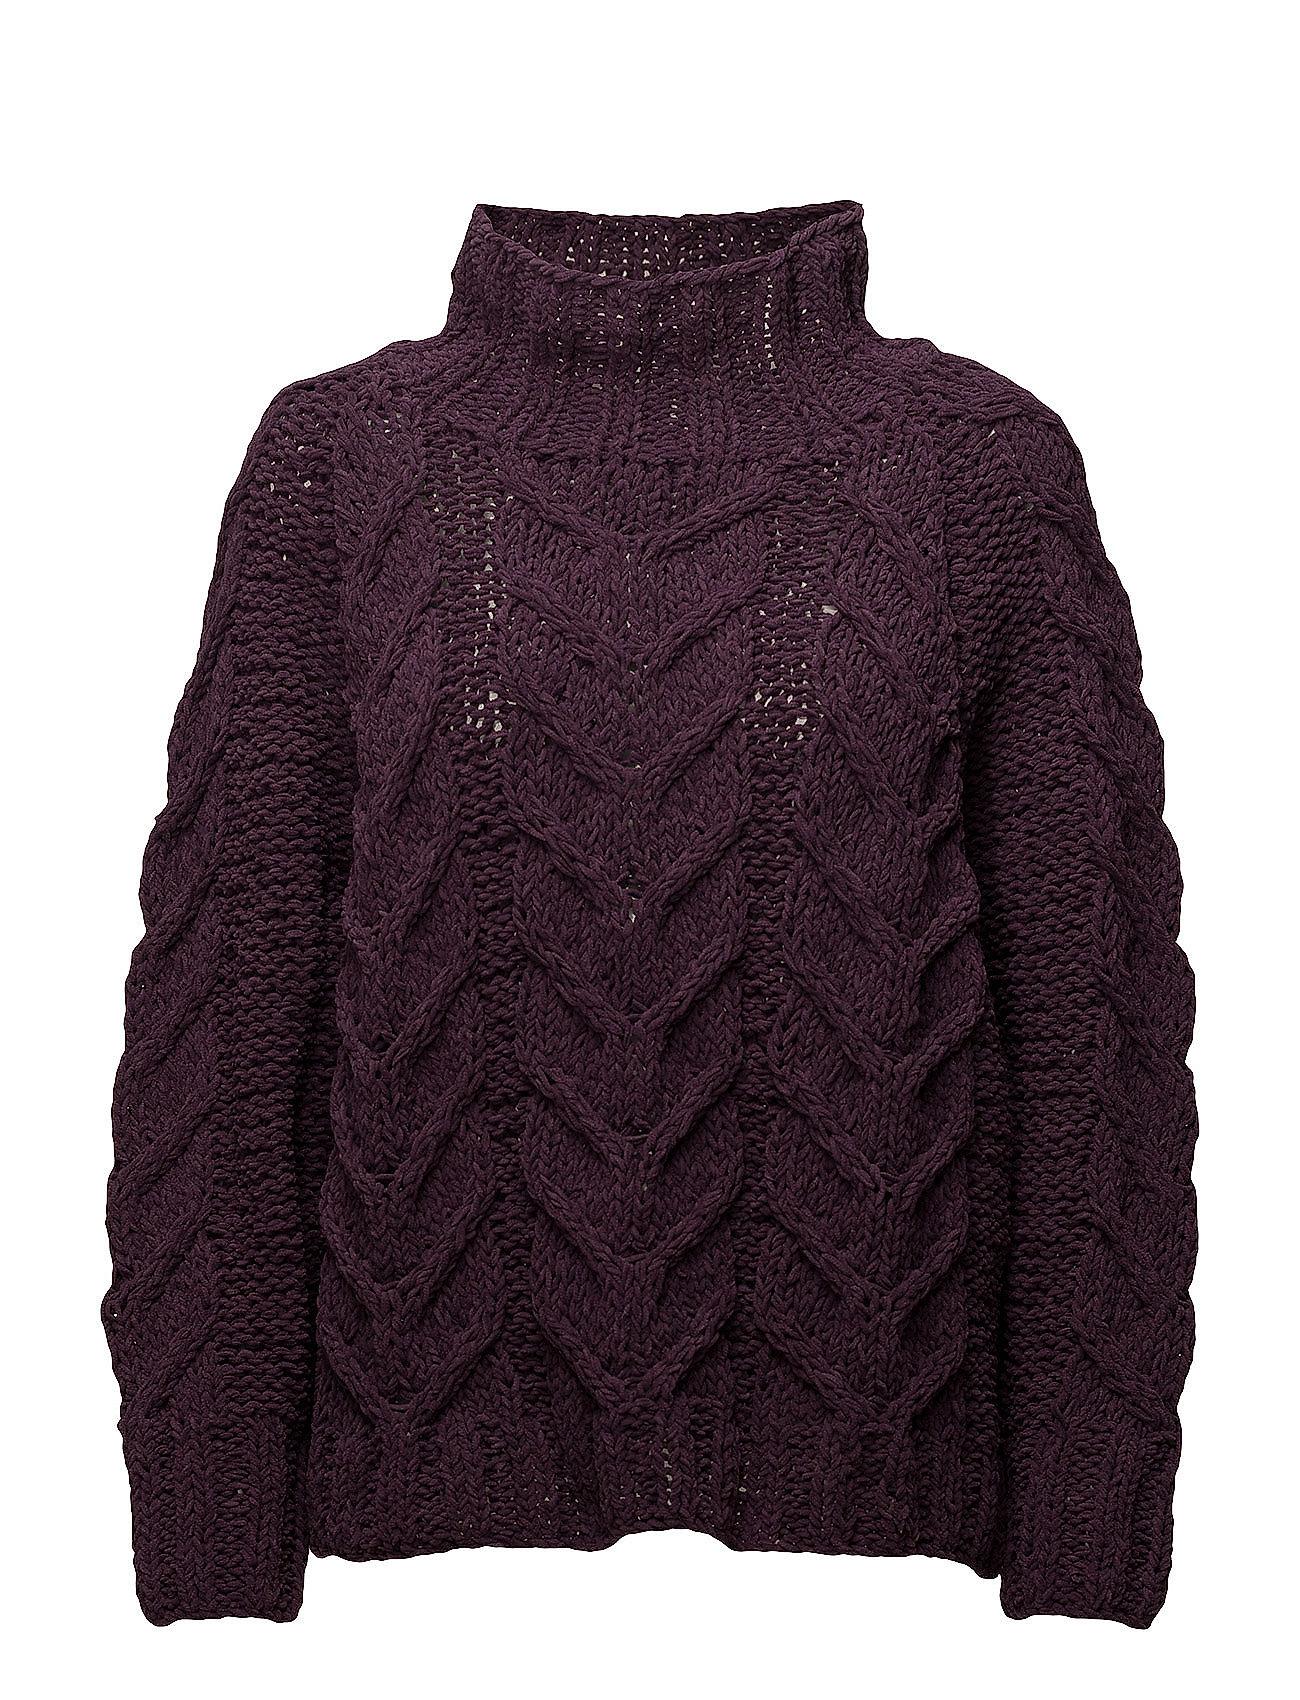 selected femme Sfblair ls highneck knit på boozt.com dk